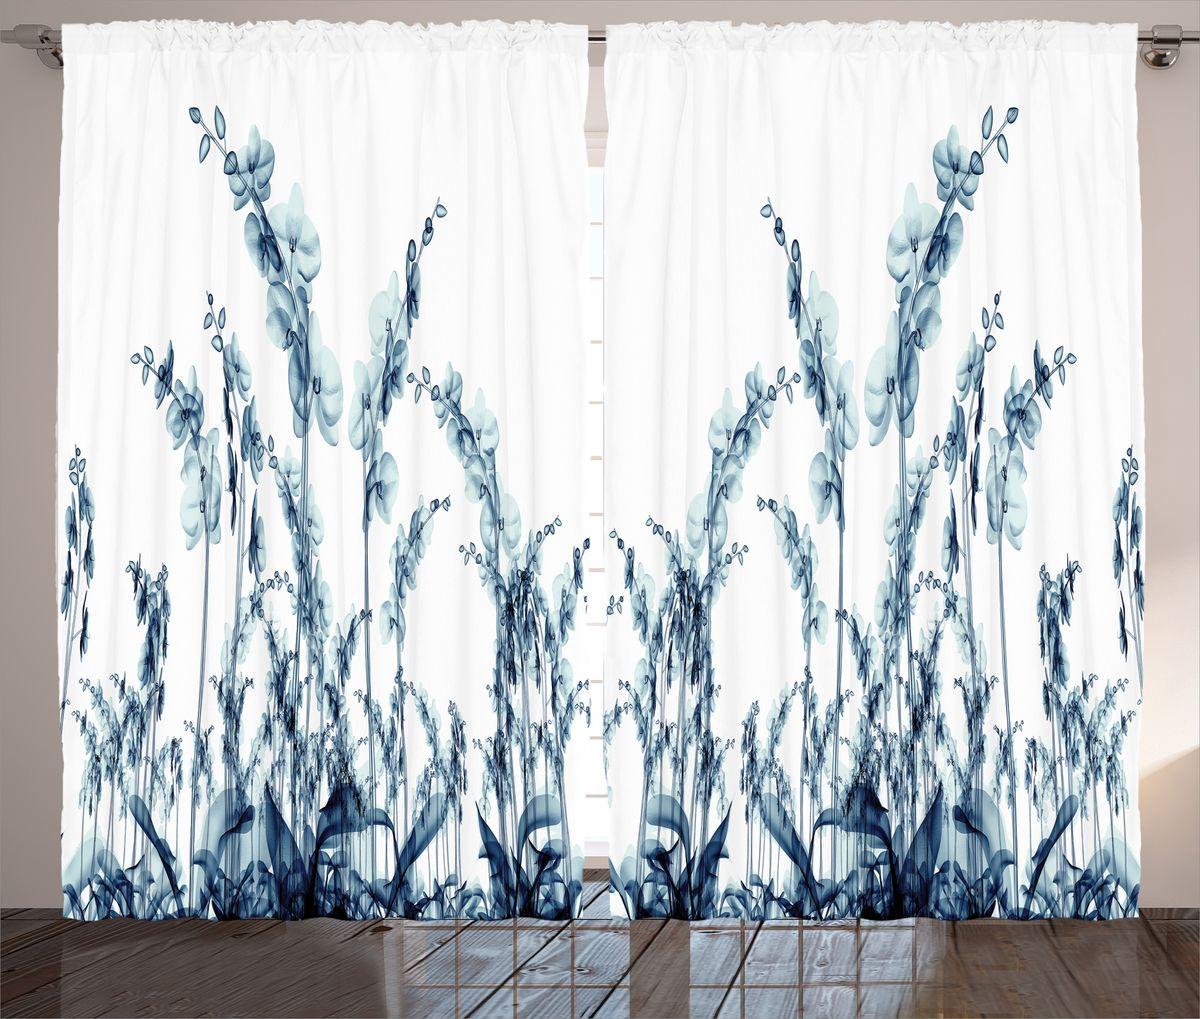 Комплект фотоштор Magic Lady Орхидеи из синего стекла, на ленте, высота 265 см. шсг_14471шсг_9187Компания Сэмболь изготавливает шторы из высококачественного сатена (полиэстер 100%). При изготовлении используются специальные гипоаллергенные чернила для прямой печати по ткани, безопасные для человека и животных. Экологичность продукции Magic lady и безопасность для окружающей среды подтверждены сертификатом Oeko-Tex Standard 100. Крепление: крючки для крепления на шторной ленте (50 шт). Возможно крепление на трубу. Внимание! При нанесении сублимационной печати на ткань технологическим методом при температуре 240°С, возможно отклонение полученных размеров (указанных на этикетке и сайте) от стандартных на + - 3-5 см. Производитель старается максимально точно передать цвета изделия на фотографиях, однако искажения неизбежны и фактический цвет изделия может отличаться от воспринимаемого по фото. Обратите внимание! Шторы изготовлены из полиэстра сатенового переплетения, а не из сатина (хлопок). Размер одного полотна шторы: 145х265 см. В комплекте 2 полотна шторы и 50 крючков.